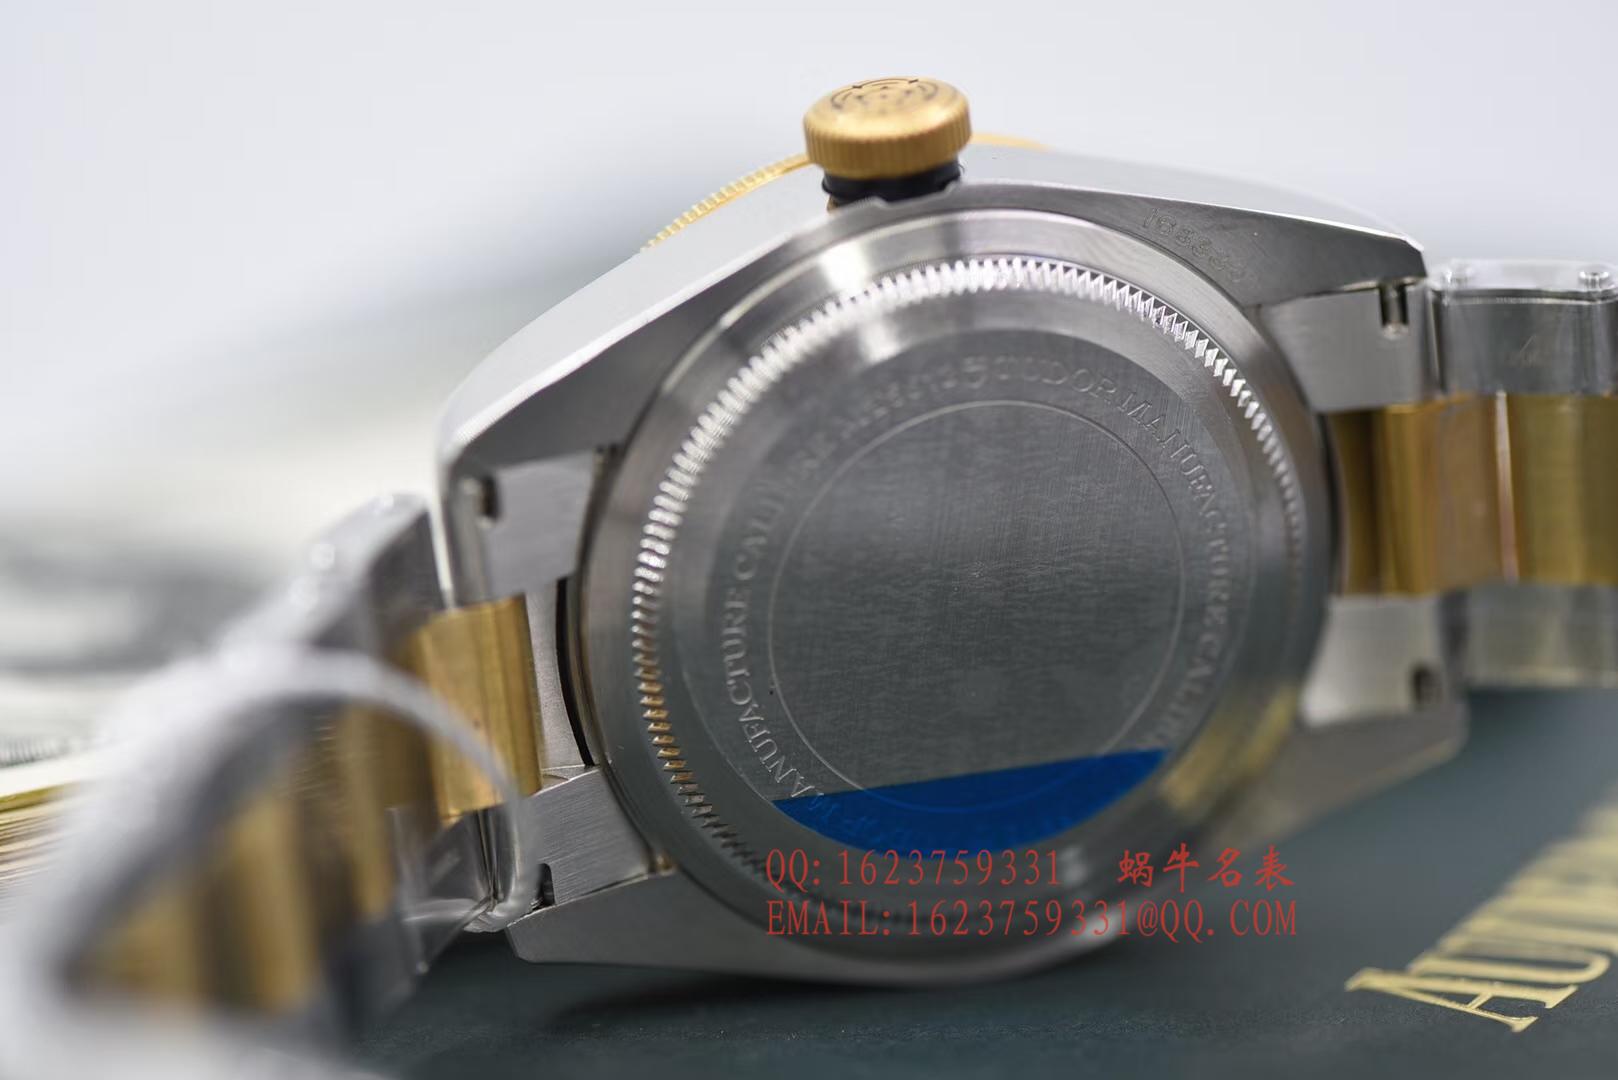 【独家视频评测ZF厂1:1精仿手表】帝舵TUDOR启承系列79733N腕表 / DTBB017